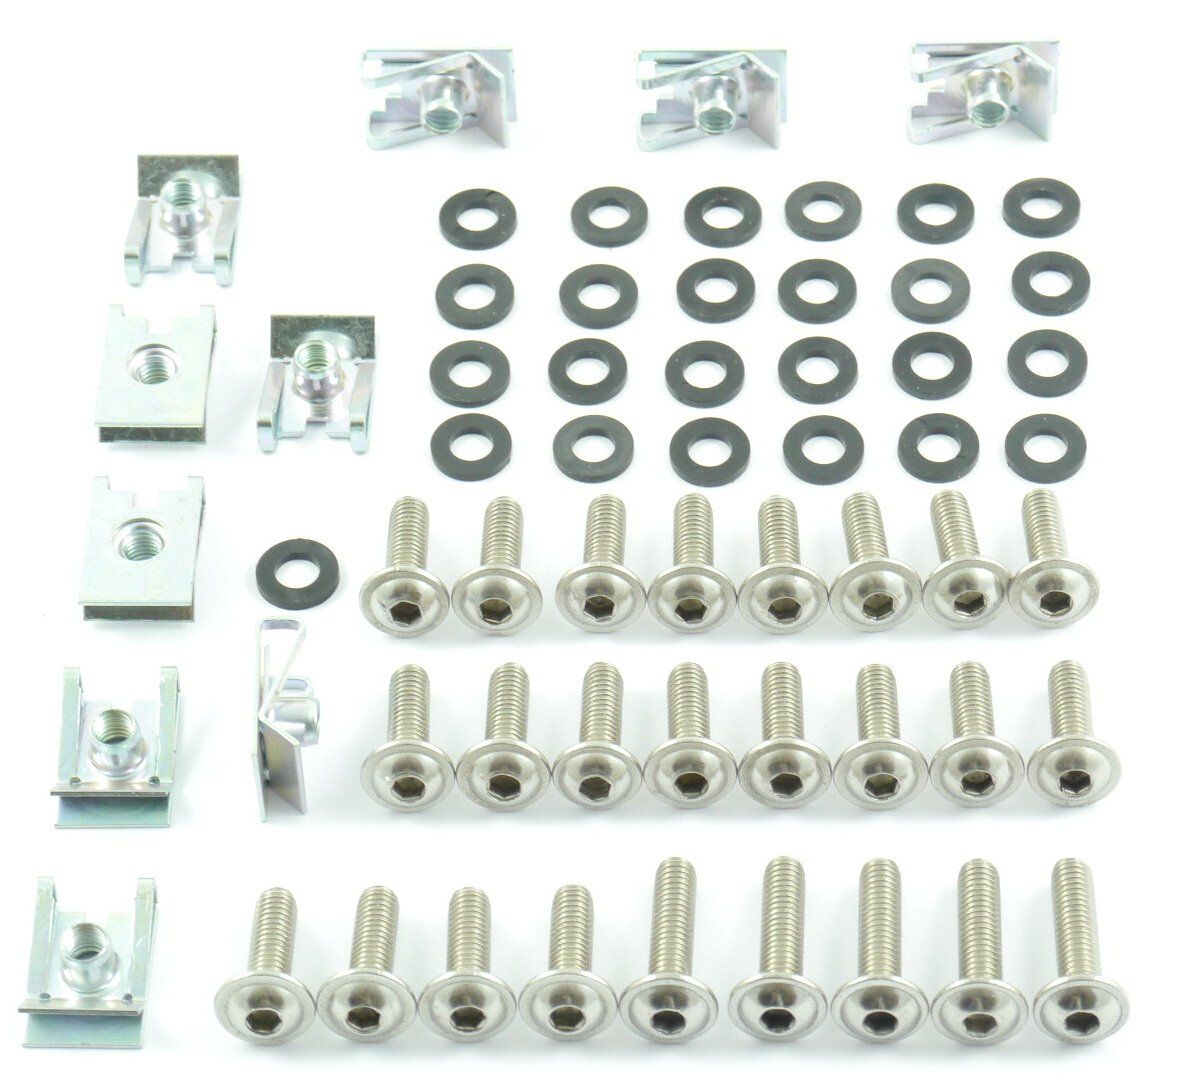 Tech-Parts-Koeln Motorrad Verkleidungsschrauben Klemmen//Clips M6 Schrauben 6mm Set 60 Teile